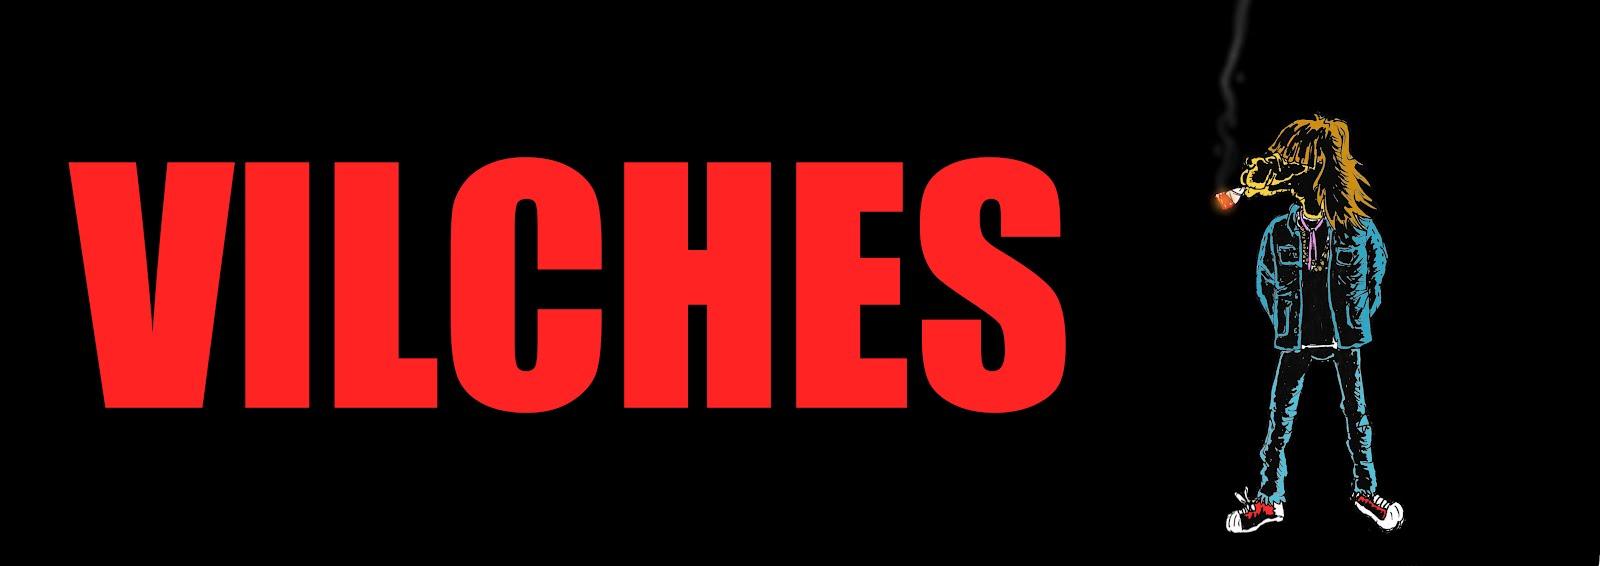 VILCHES